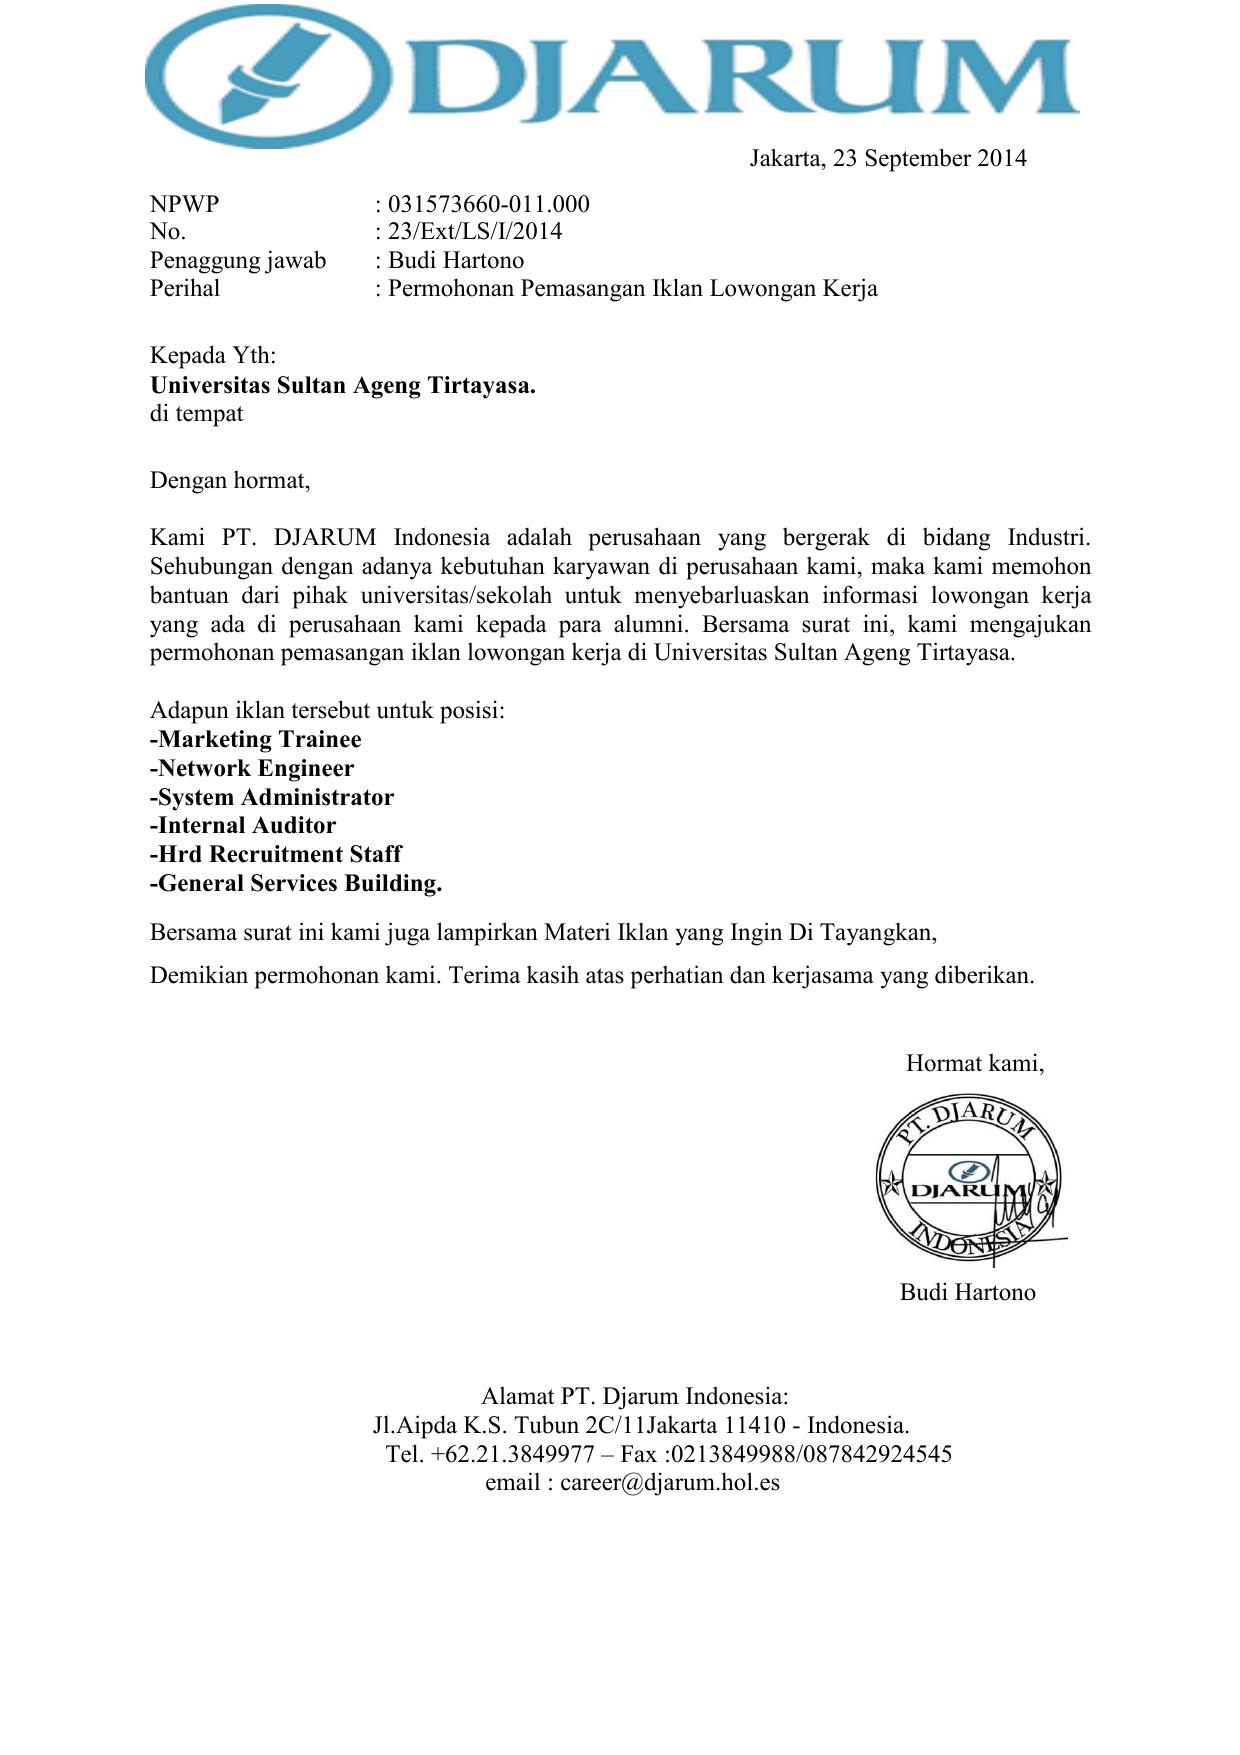 Surat Permohonan Pt Djarum